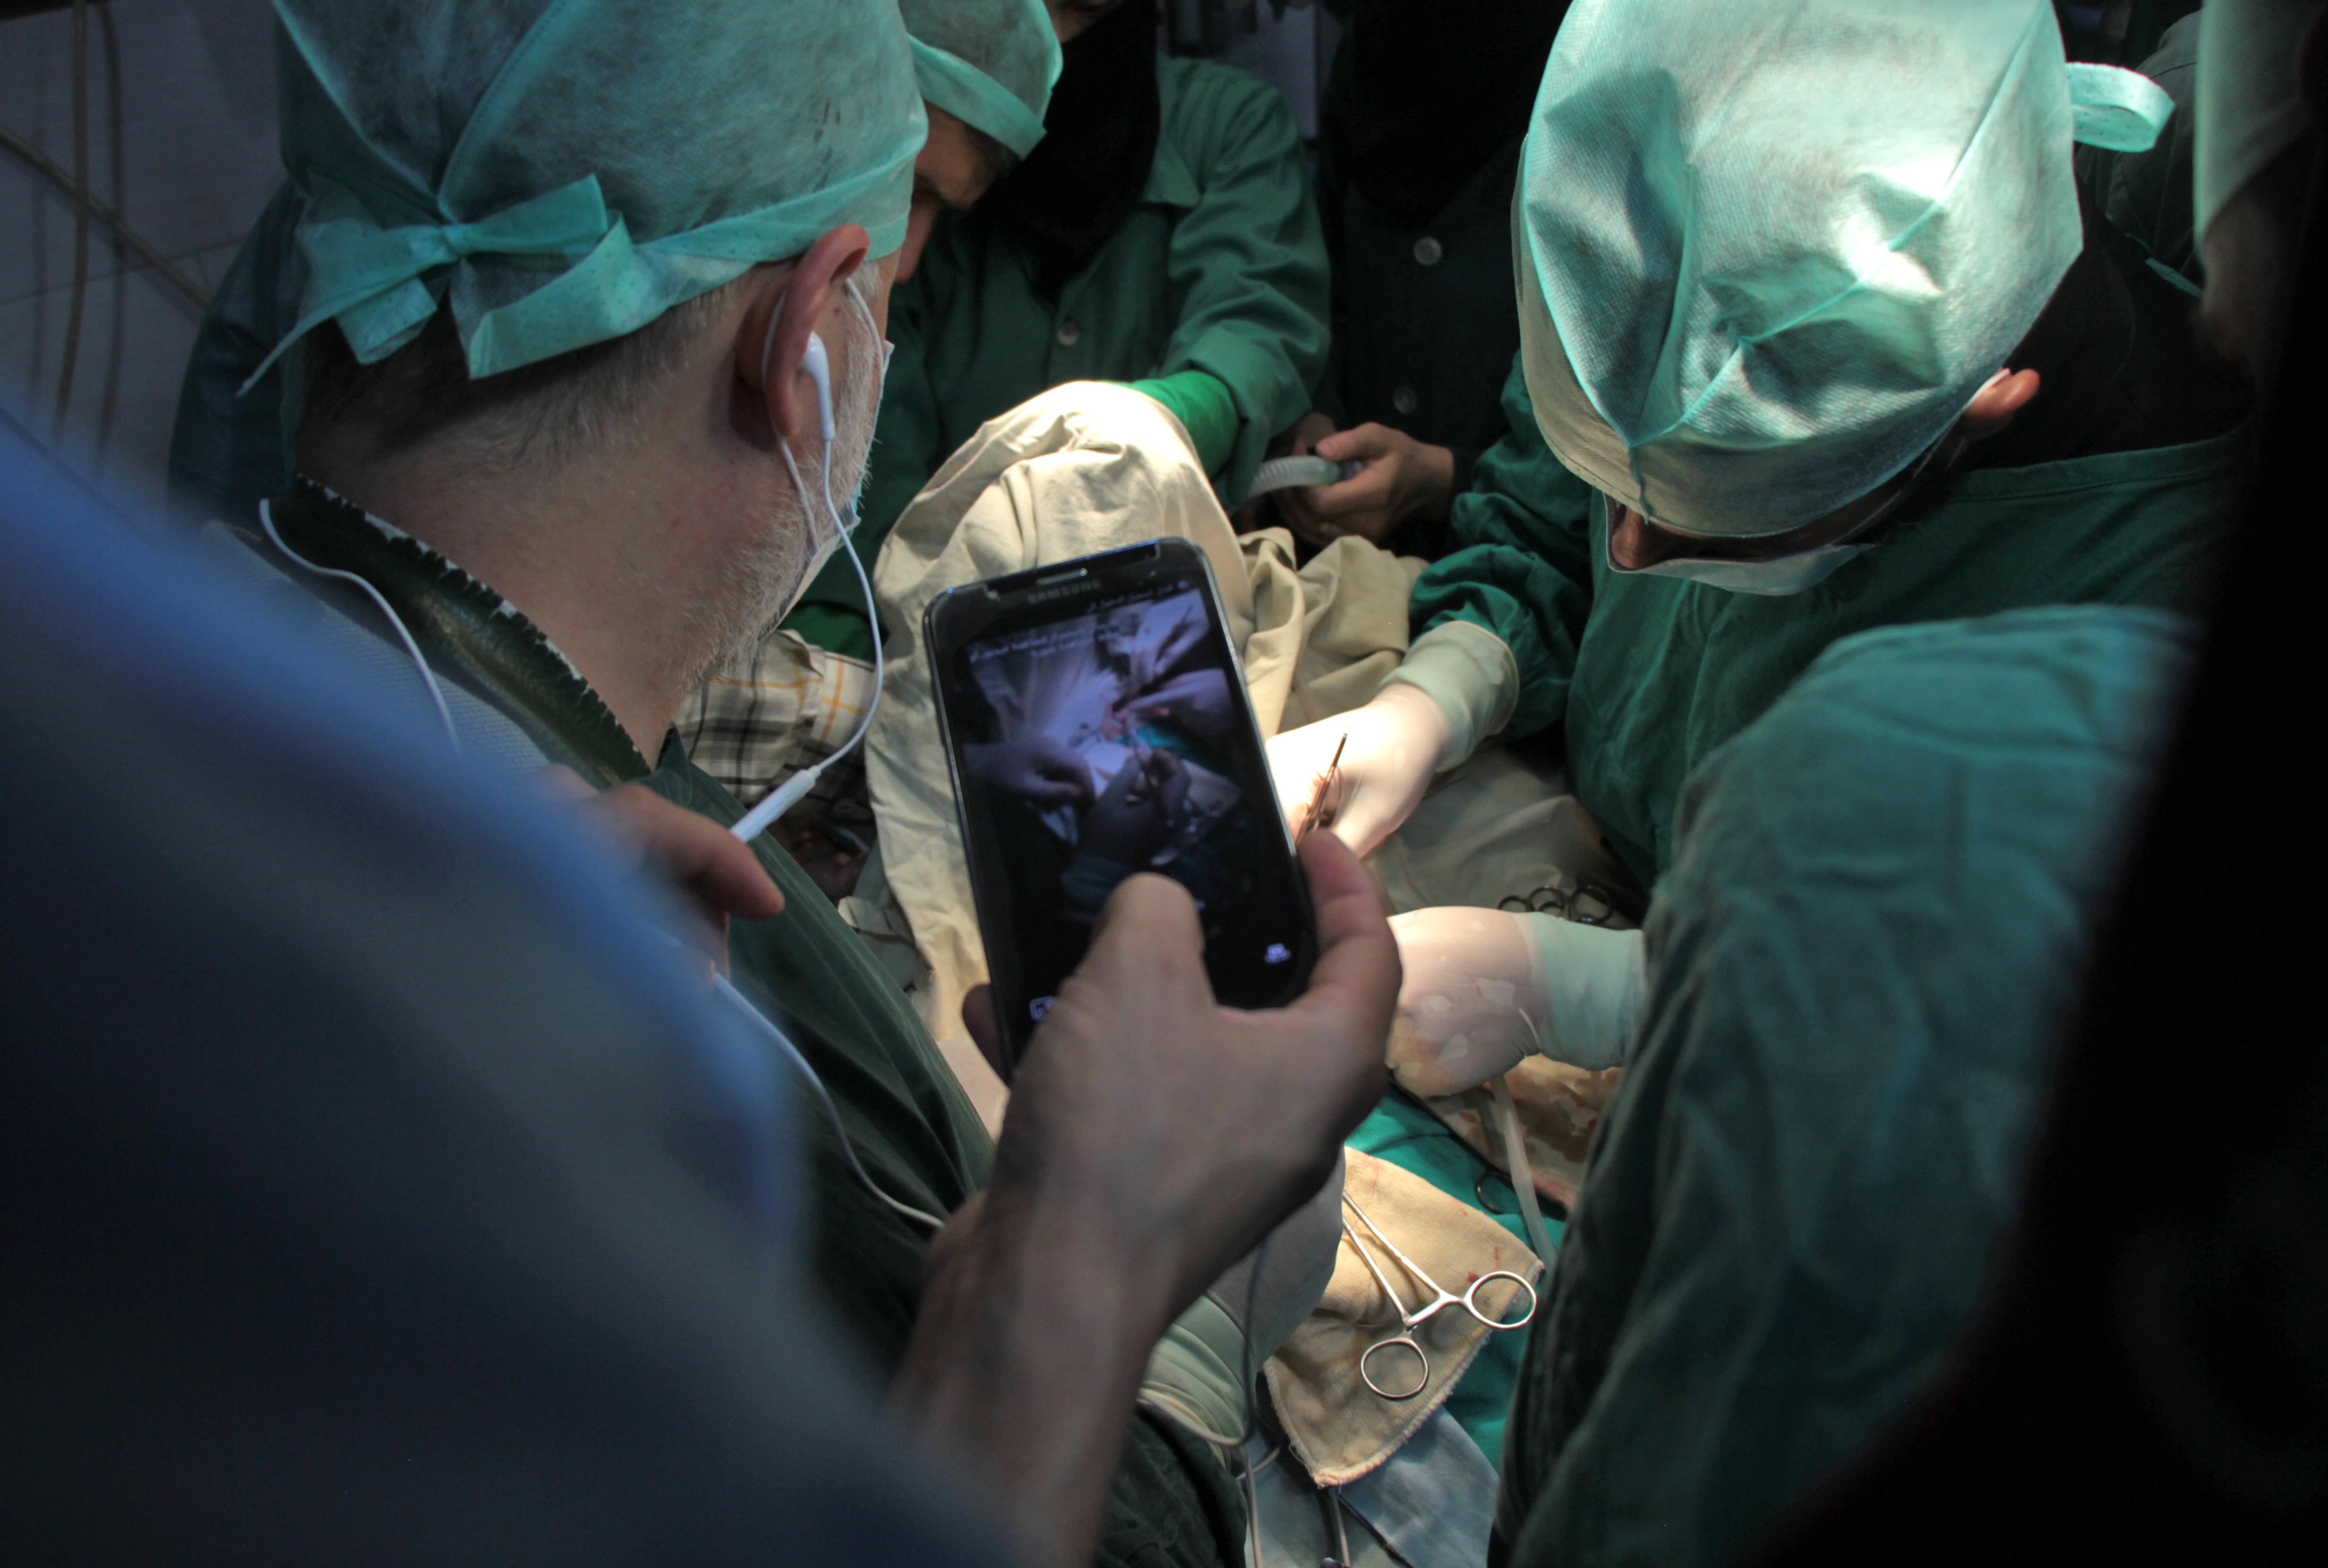 Egy évtized alatt rosszabb lett a sebészhallgatók kézügyessége az okostelefonok terjedése miatt